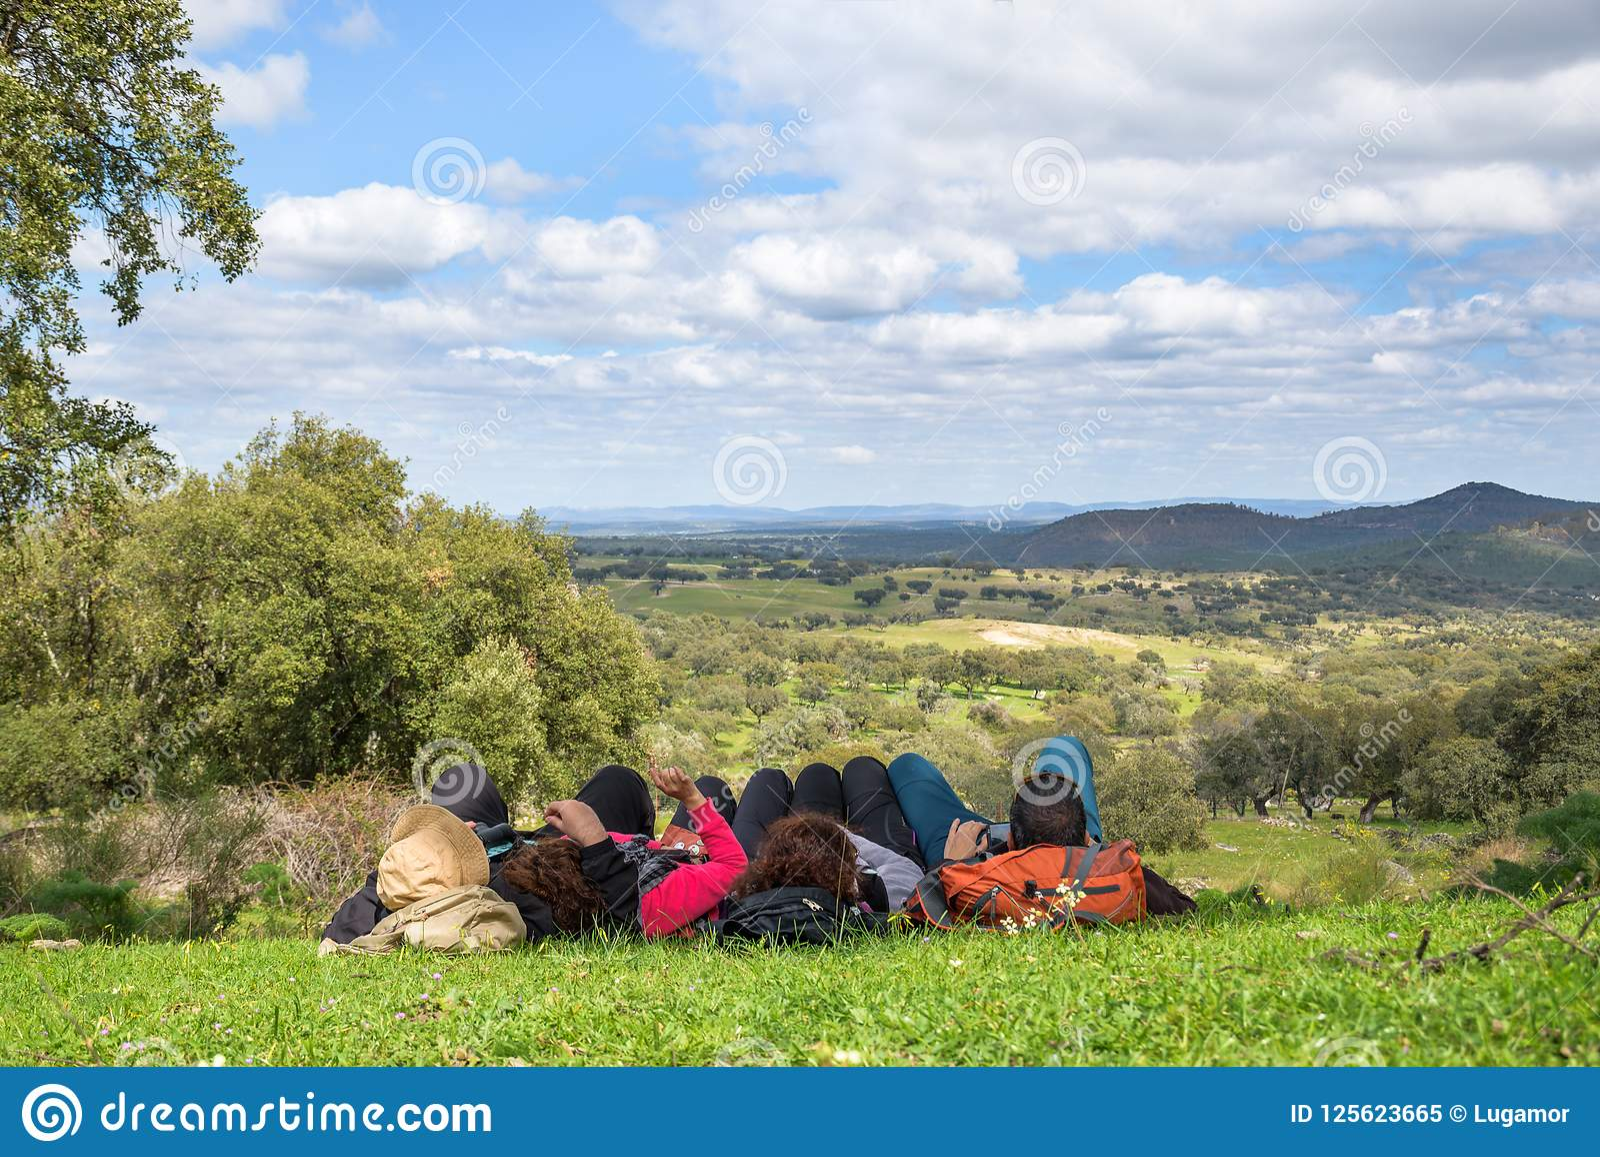 Groep mensen liggen die naar de Weide in de schaduw van een eiken boom op een mooie de lentedag kijken